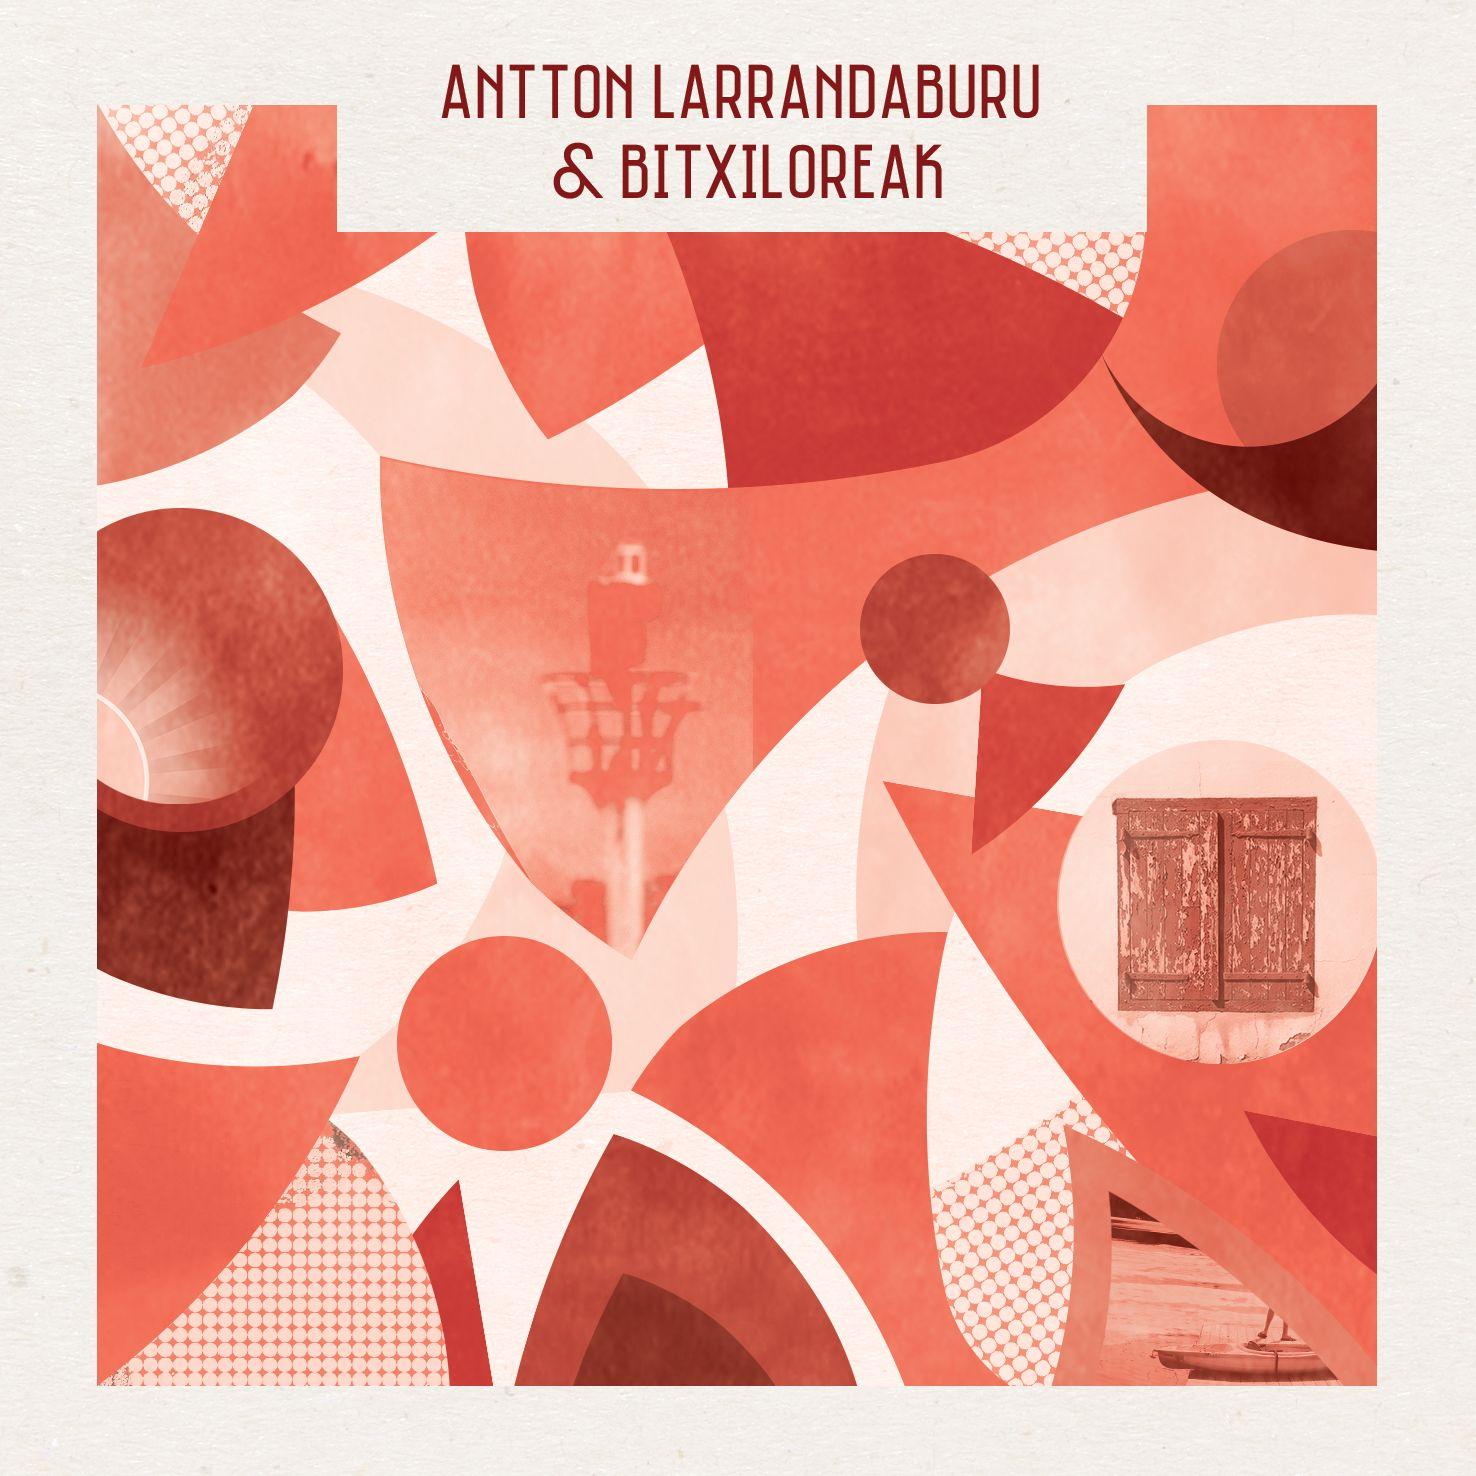 Antton Larrandaburu & bitxiloreak. Emanaldi akustikoa.